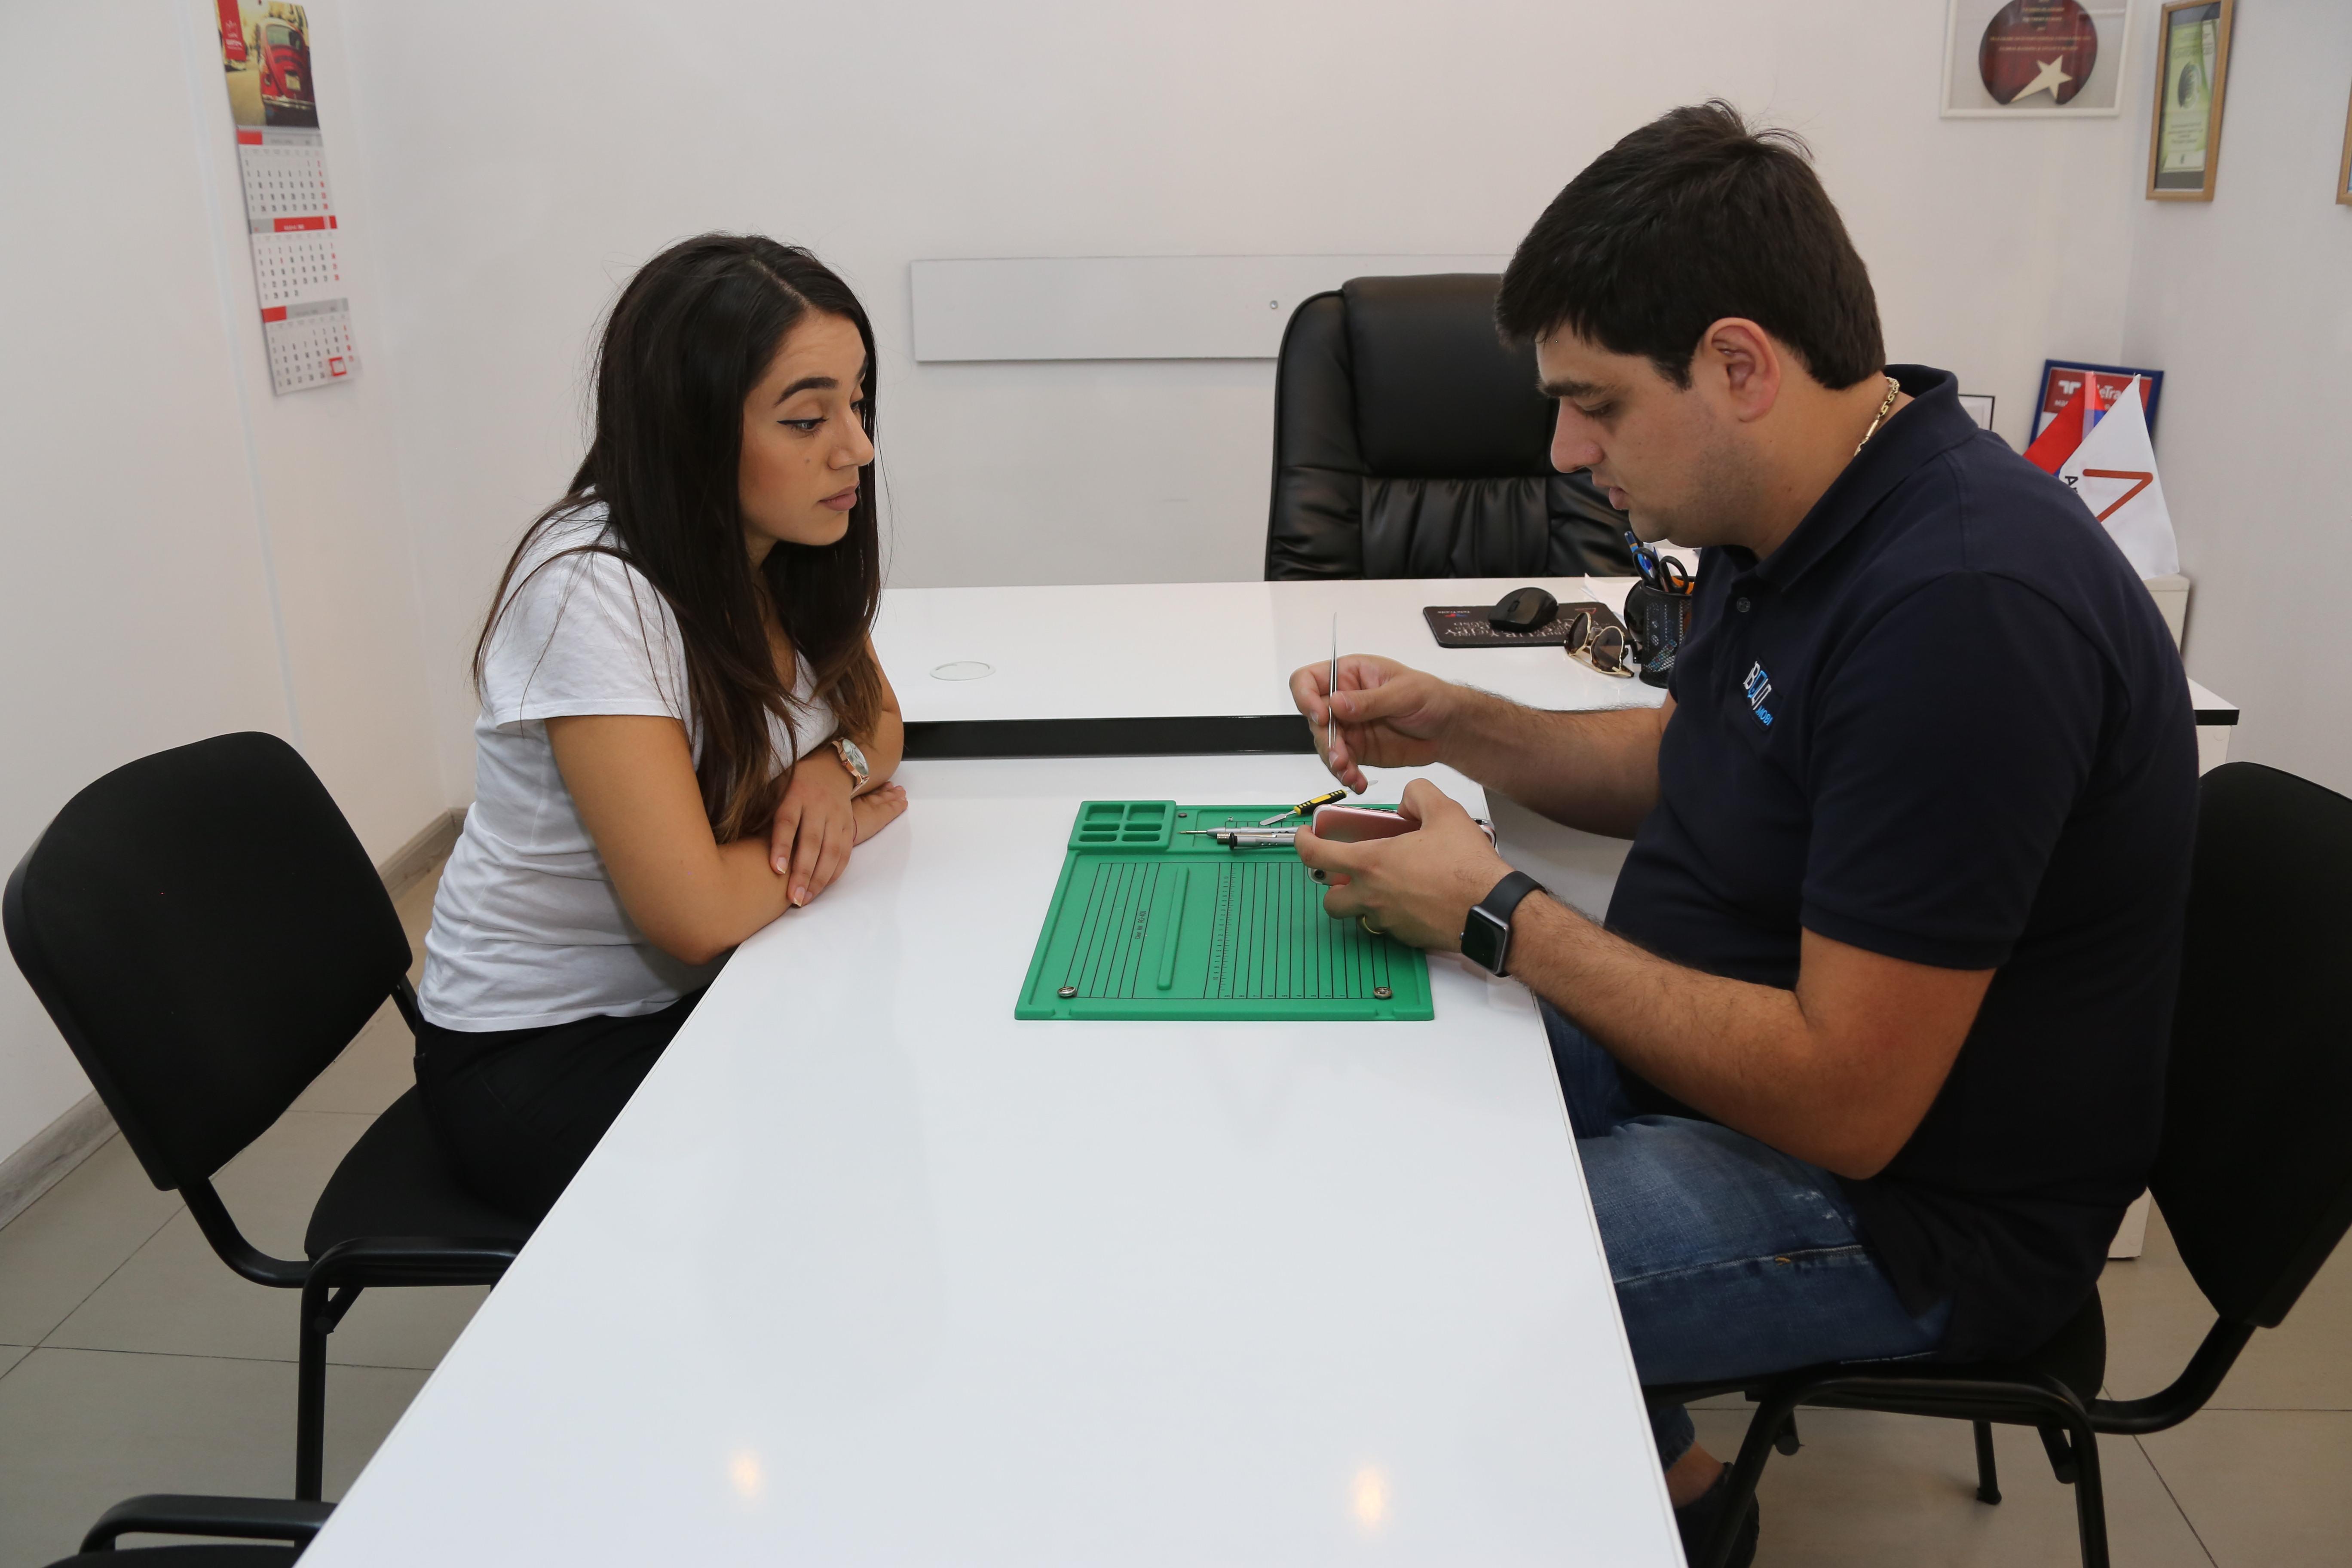 Компании Ucom и iBolit.mobi предоставляют услуги по ремонту оборудования